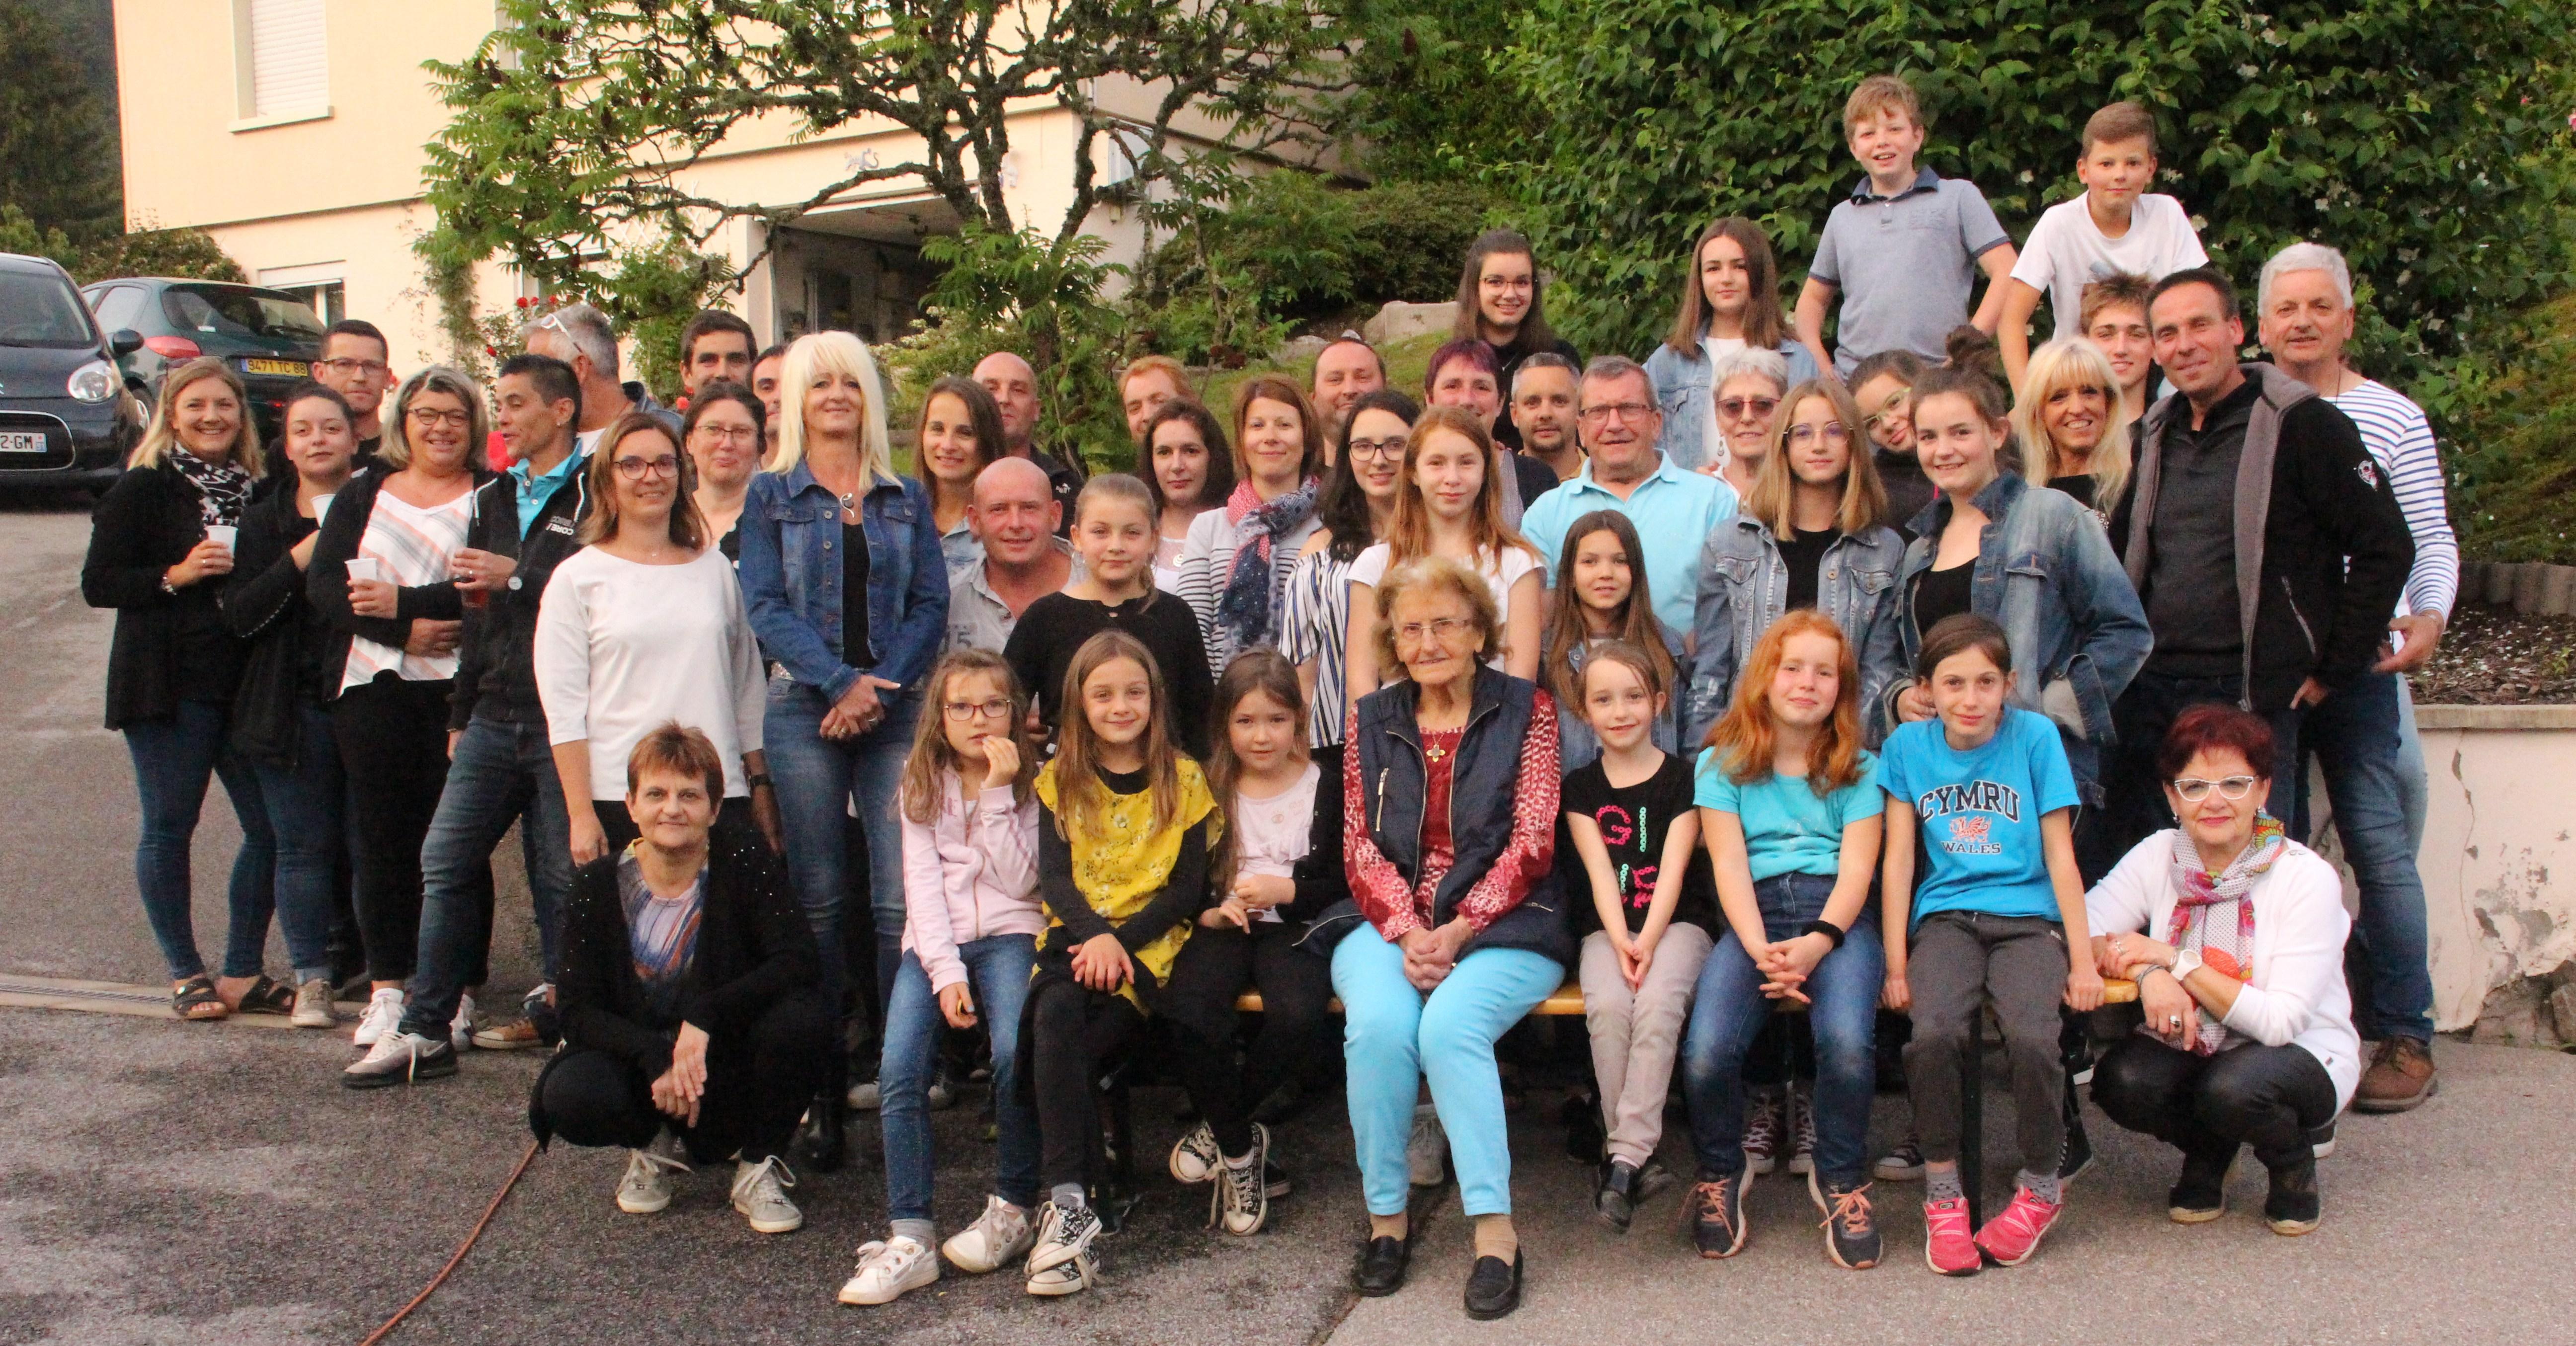 Thiéfosse – Ils étaient 50 à la fête des voisins du lotissement de Fourrière-Colotte